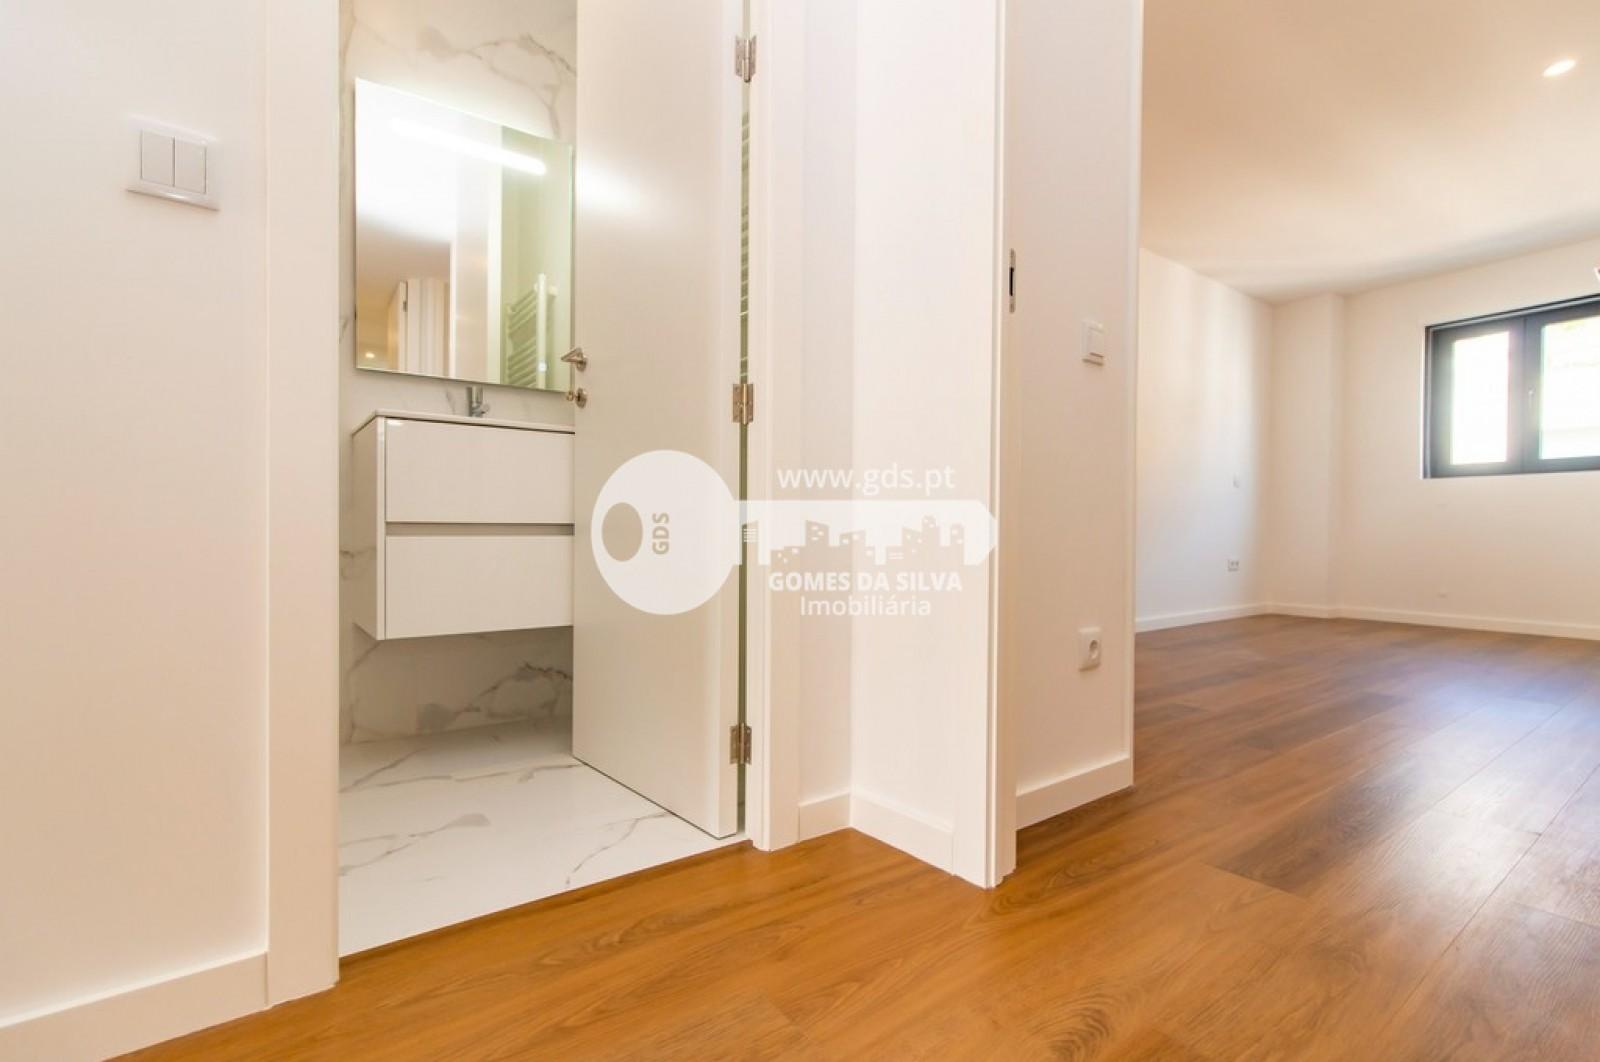 Apartamento T3 para Venda em São Vicente, Braga, Braga - Imagem 23